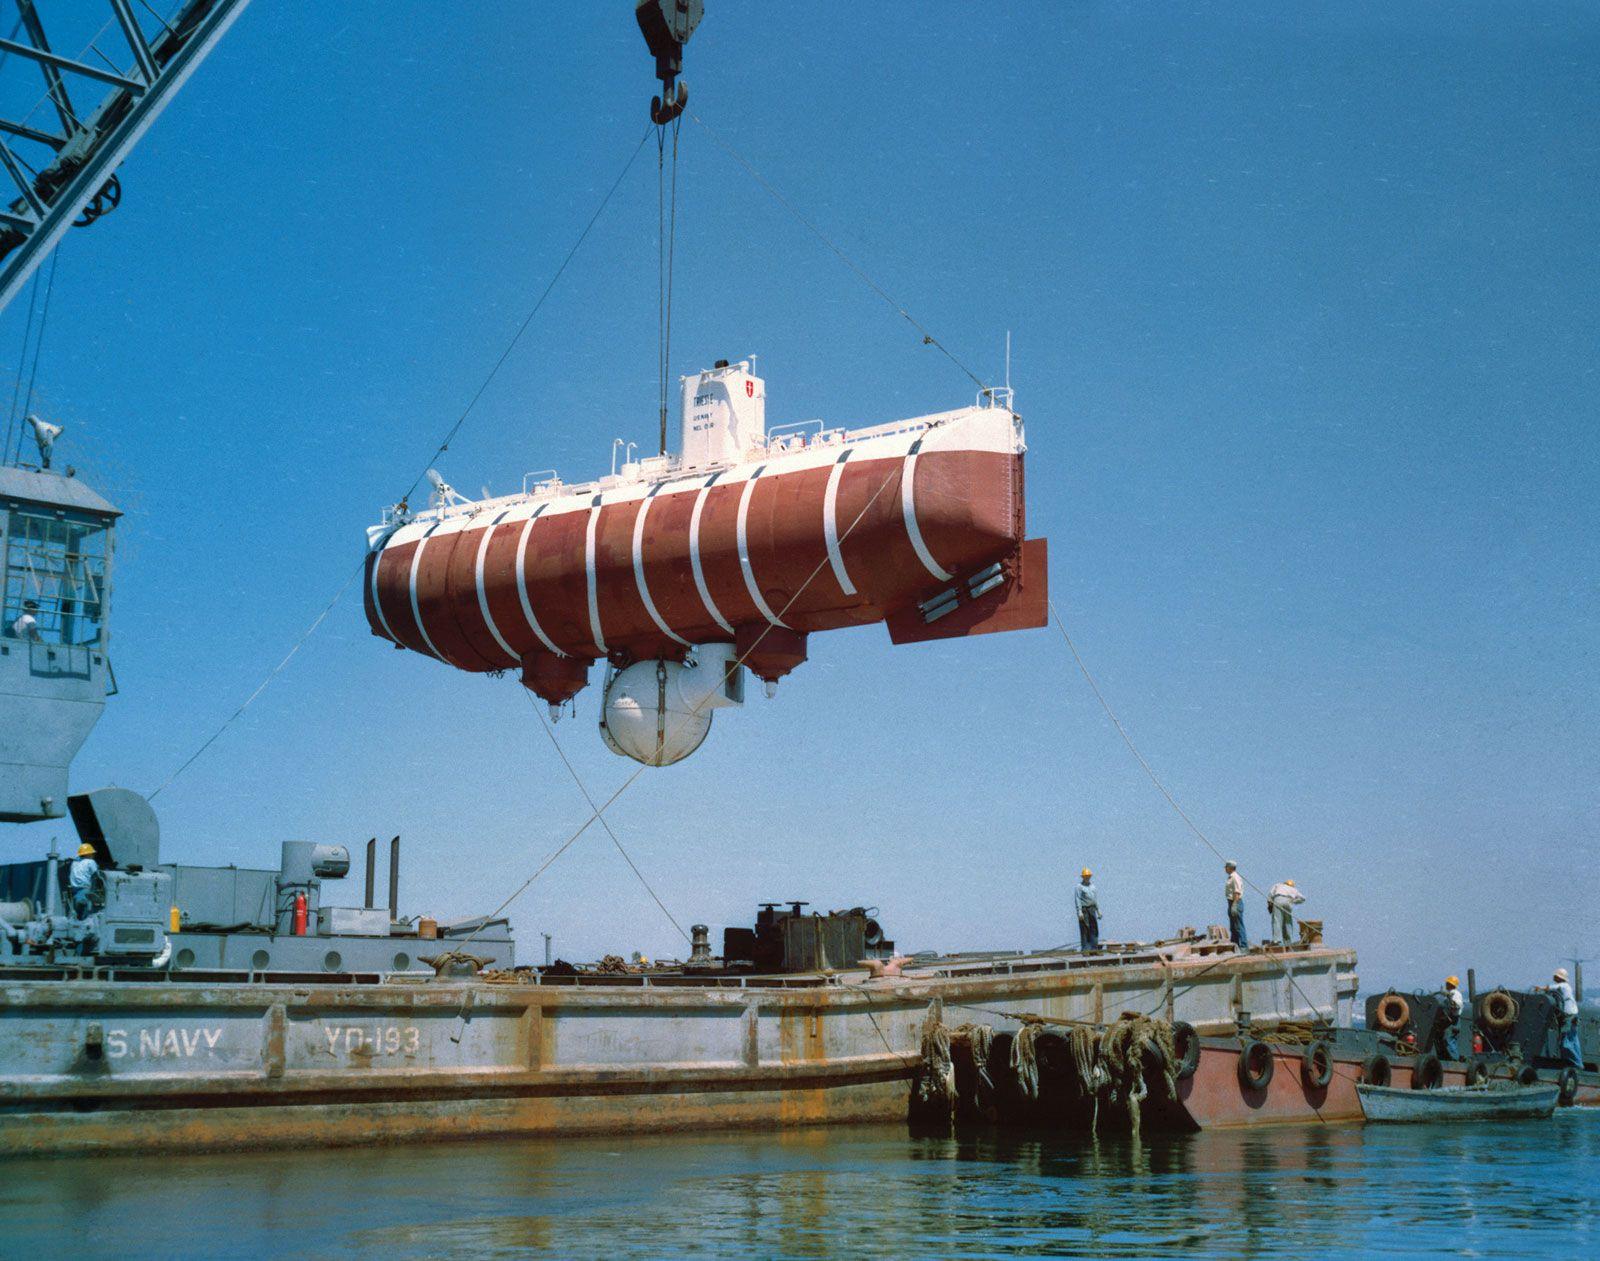 barellieri trieste submarine - photo#6